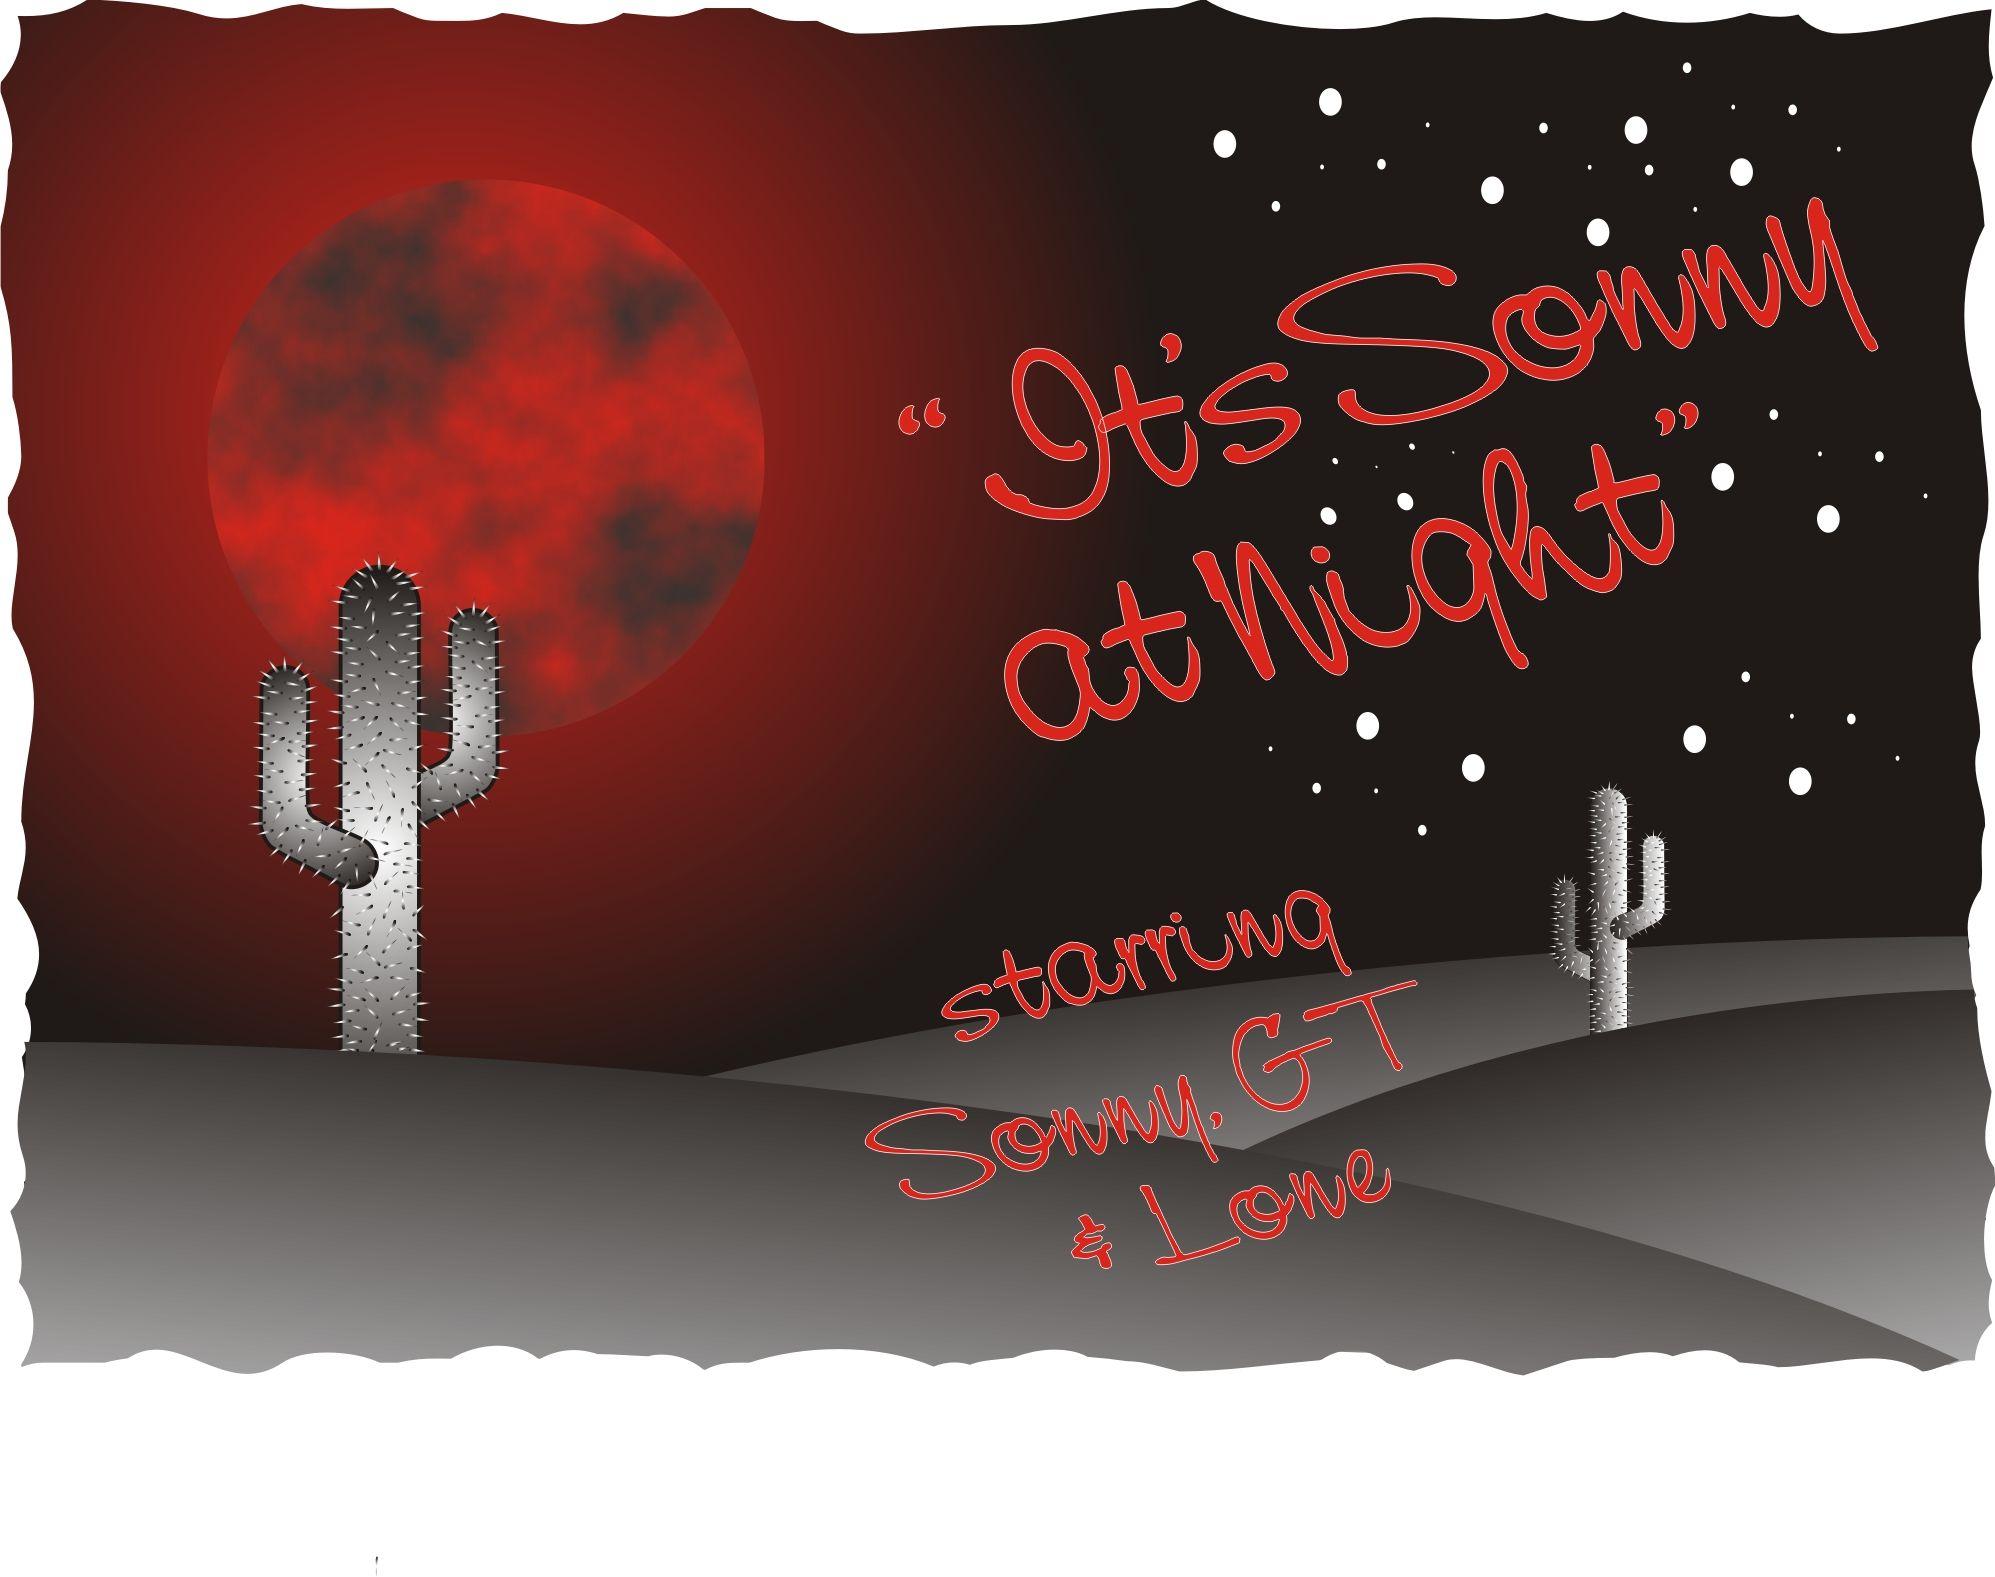 Sonny at night.jpg